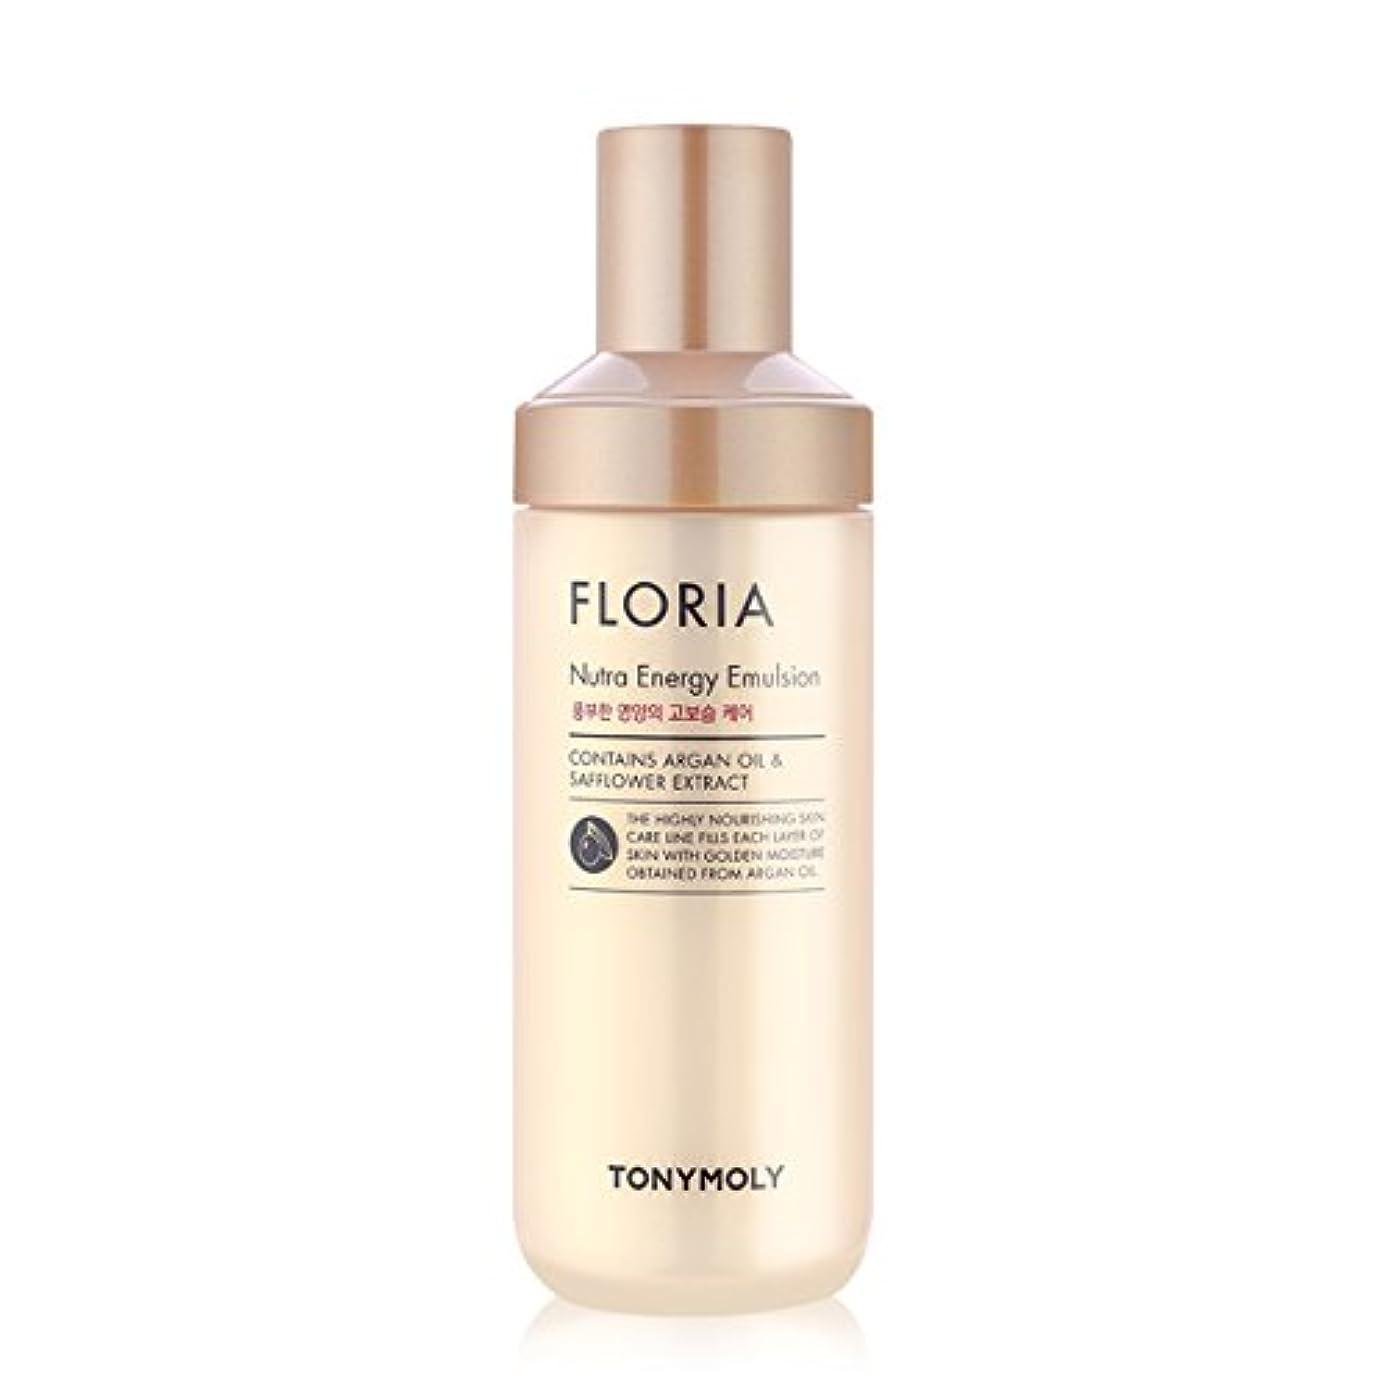 歴史的外部ビジネス[2016 New] TONYMOLY Floria Nutra Energy Emulsion 160ml/トニーモリー フロリア ニュートラ エナジー エマルジョン 160ml [並行輸入品]